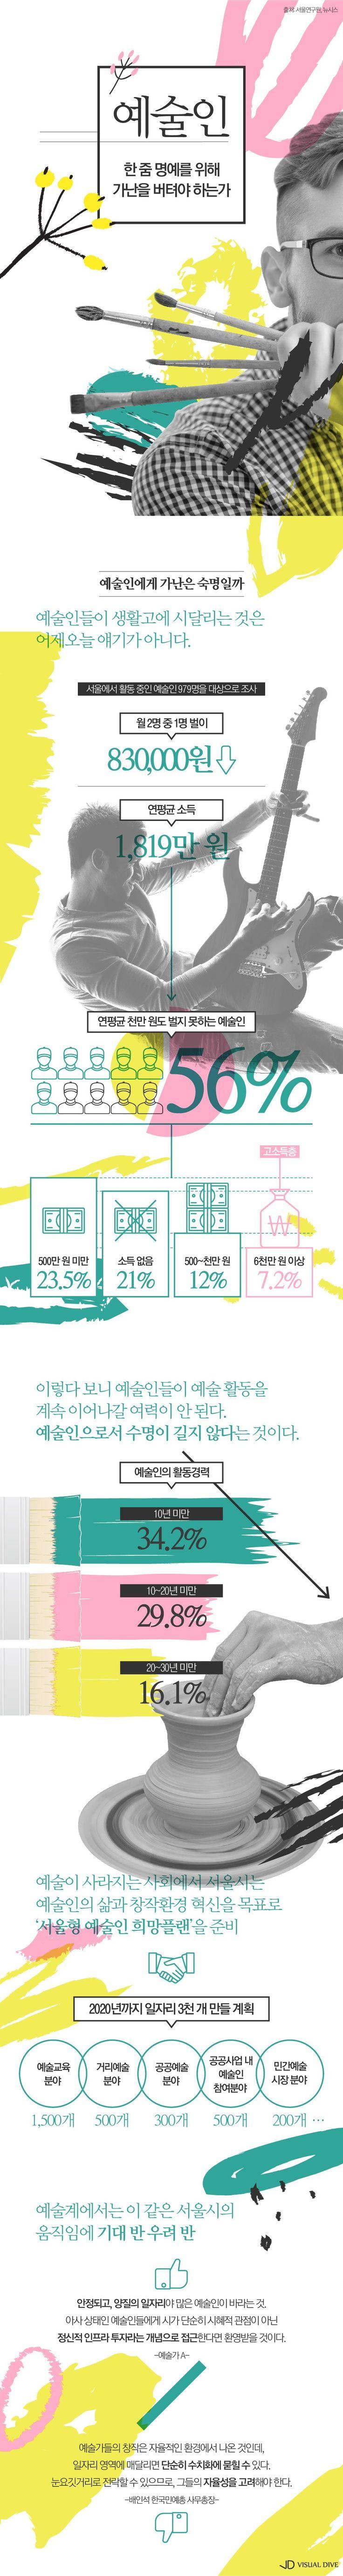 생활고 시달리는 예술인…서울시 대책은? [인포그래픽] #art / #infographic ⓒ 비주얼다이브 무단 복사·전재·재배포 금지